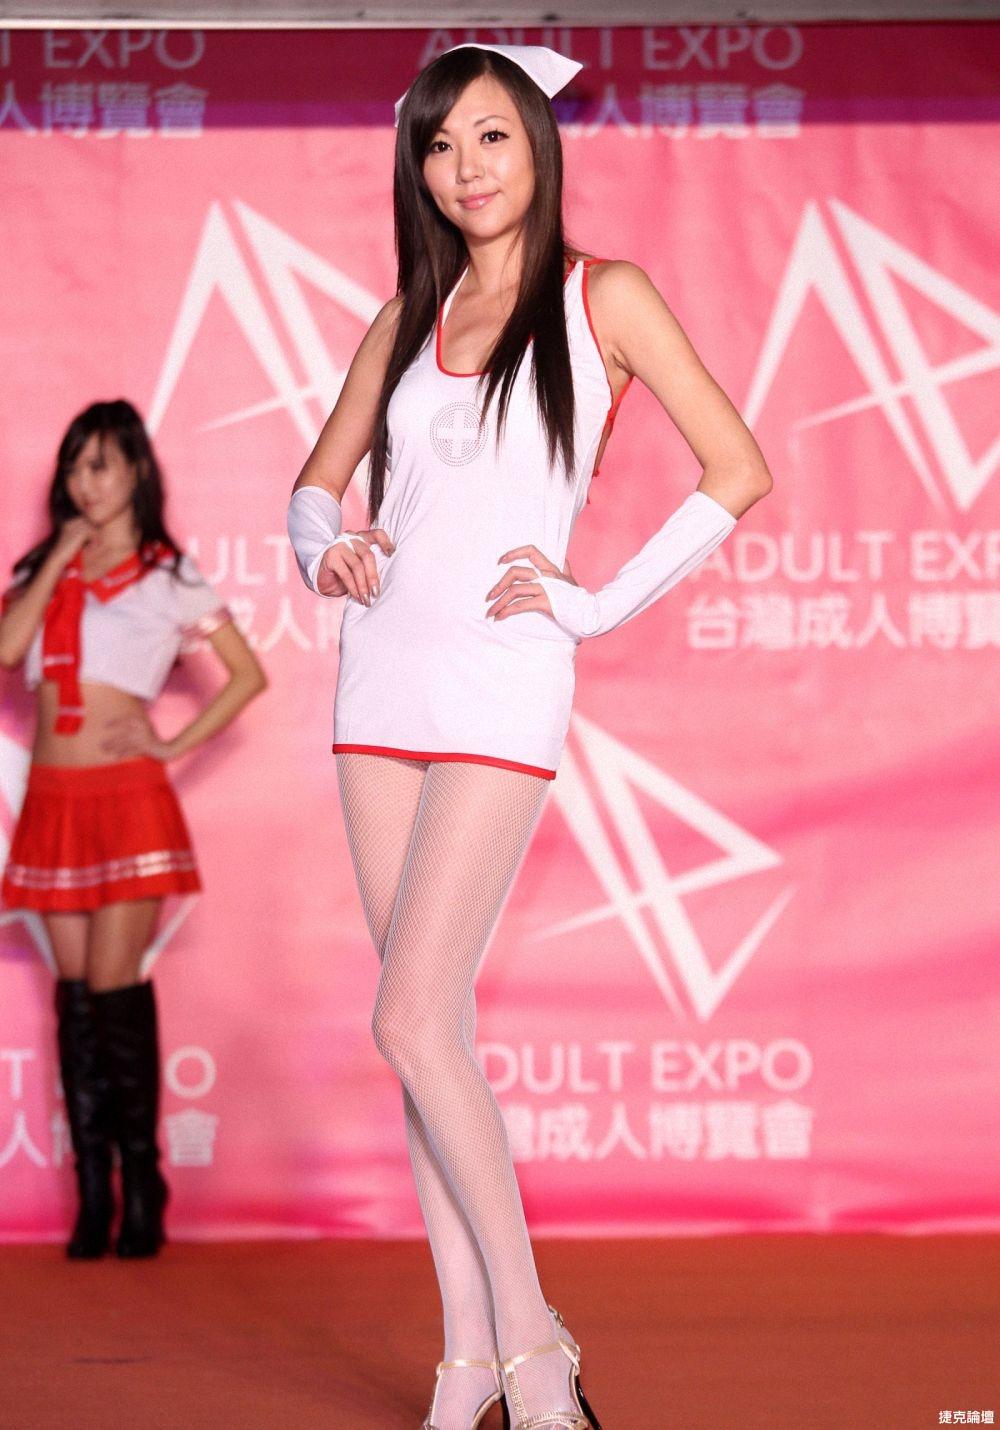 台灣成人展[15P] - 貼圖 - 絲襪美腿 -